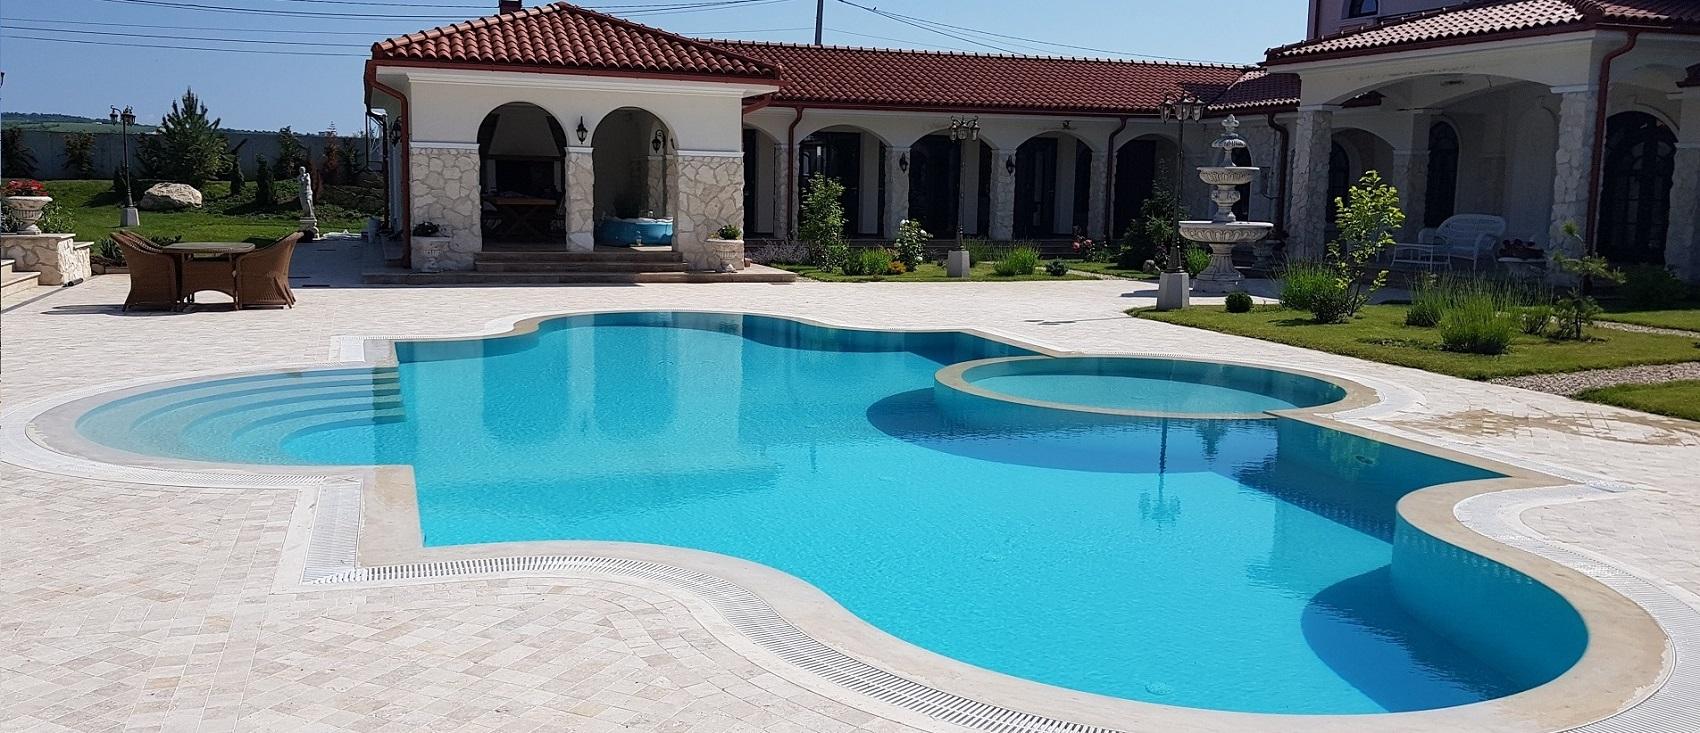 Constructii piscine beton prin torcretare piscine for Piscine aqua mauges